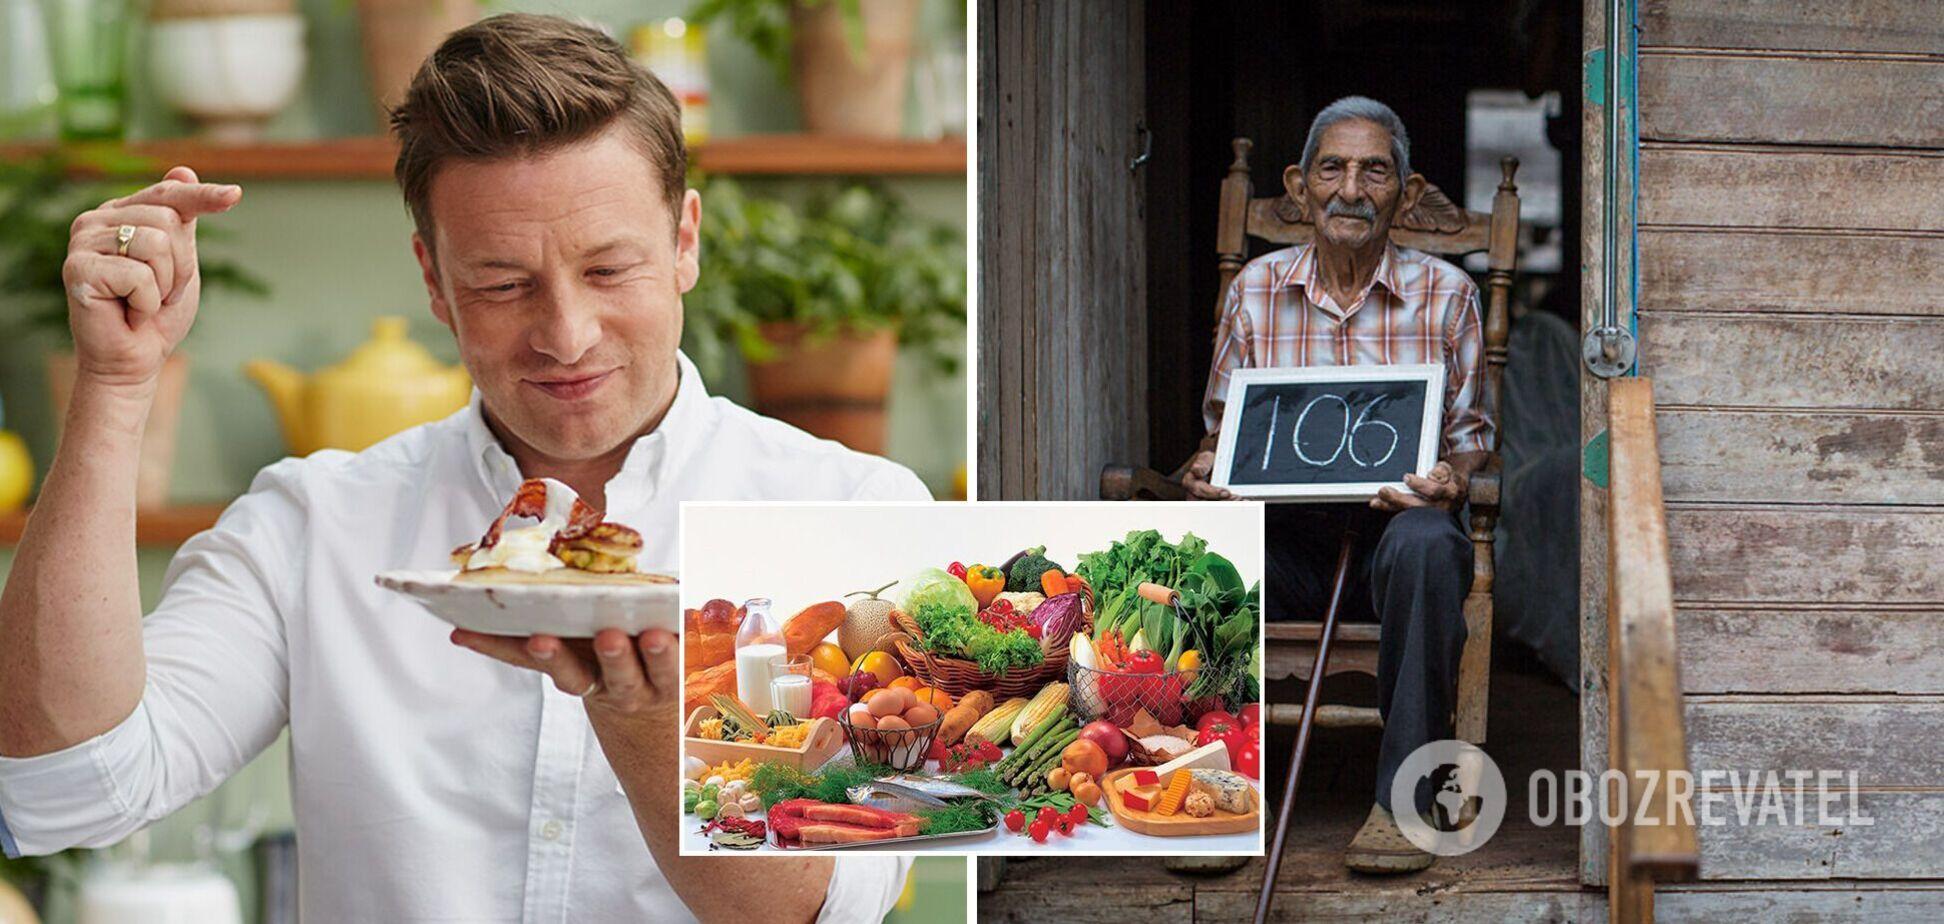 Джеймі Олівер назвав 14 продуктів, що сприяють довголіттю